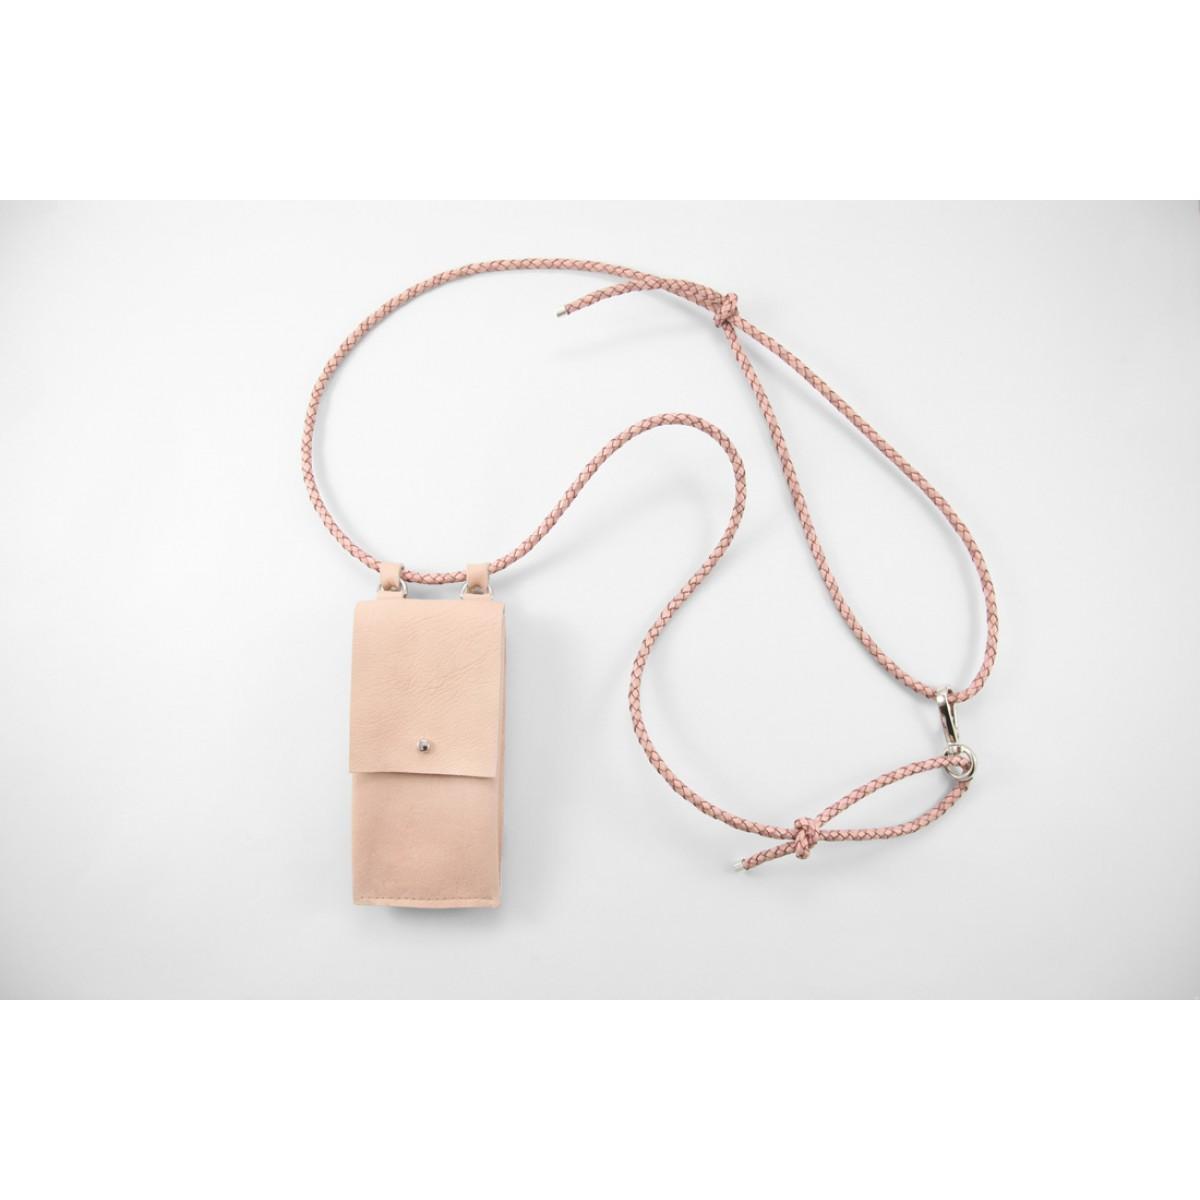 Lapàporter – iPhone case zum Umhängen mit geflochtener Lederkordel und abnehmbarer Tasche, Rosé/silber